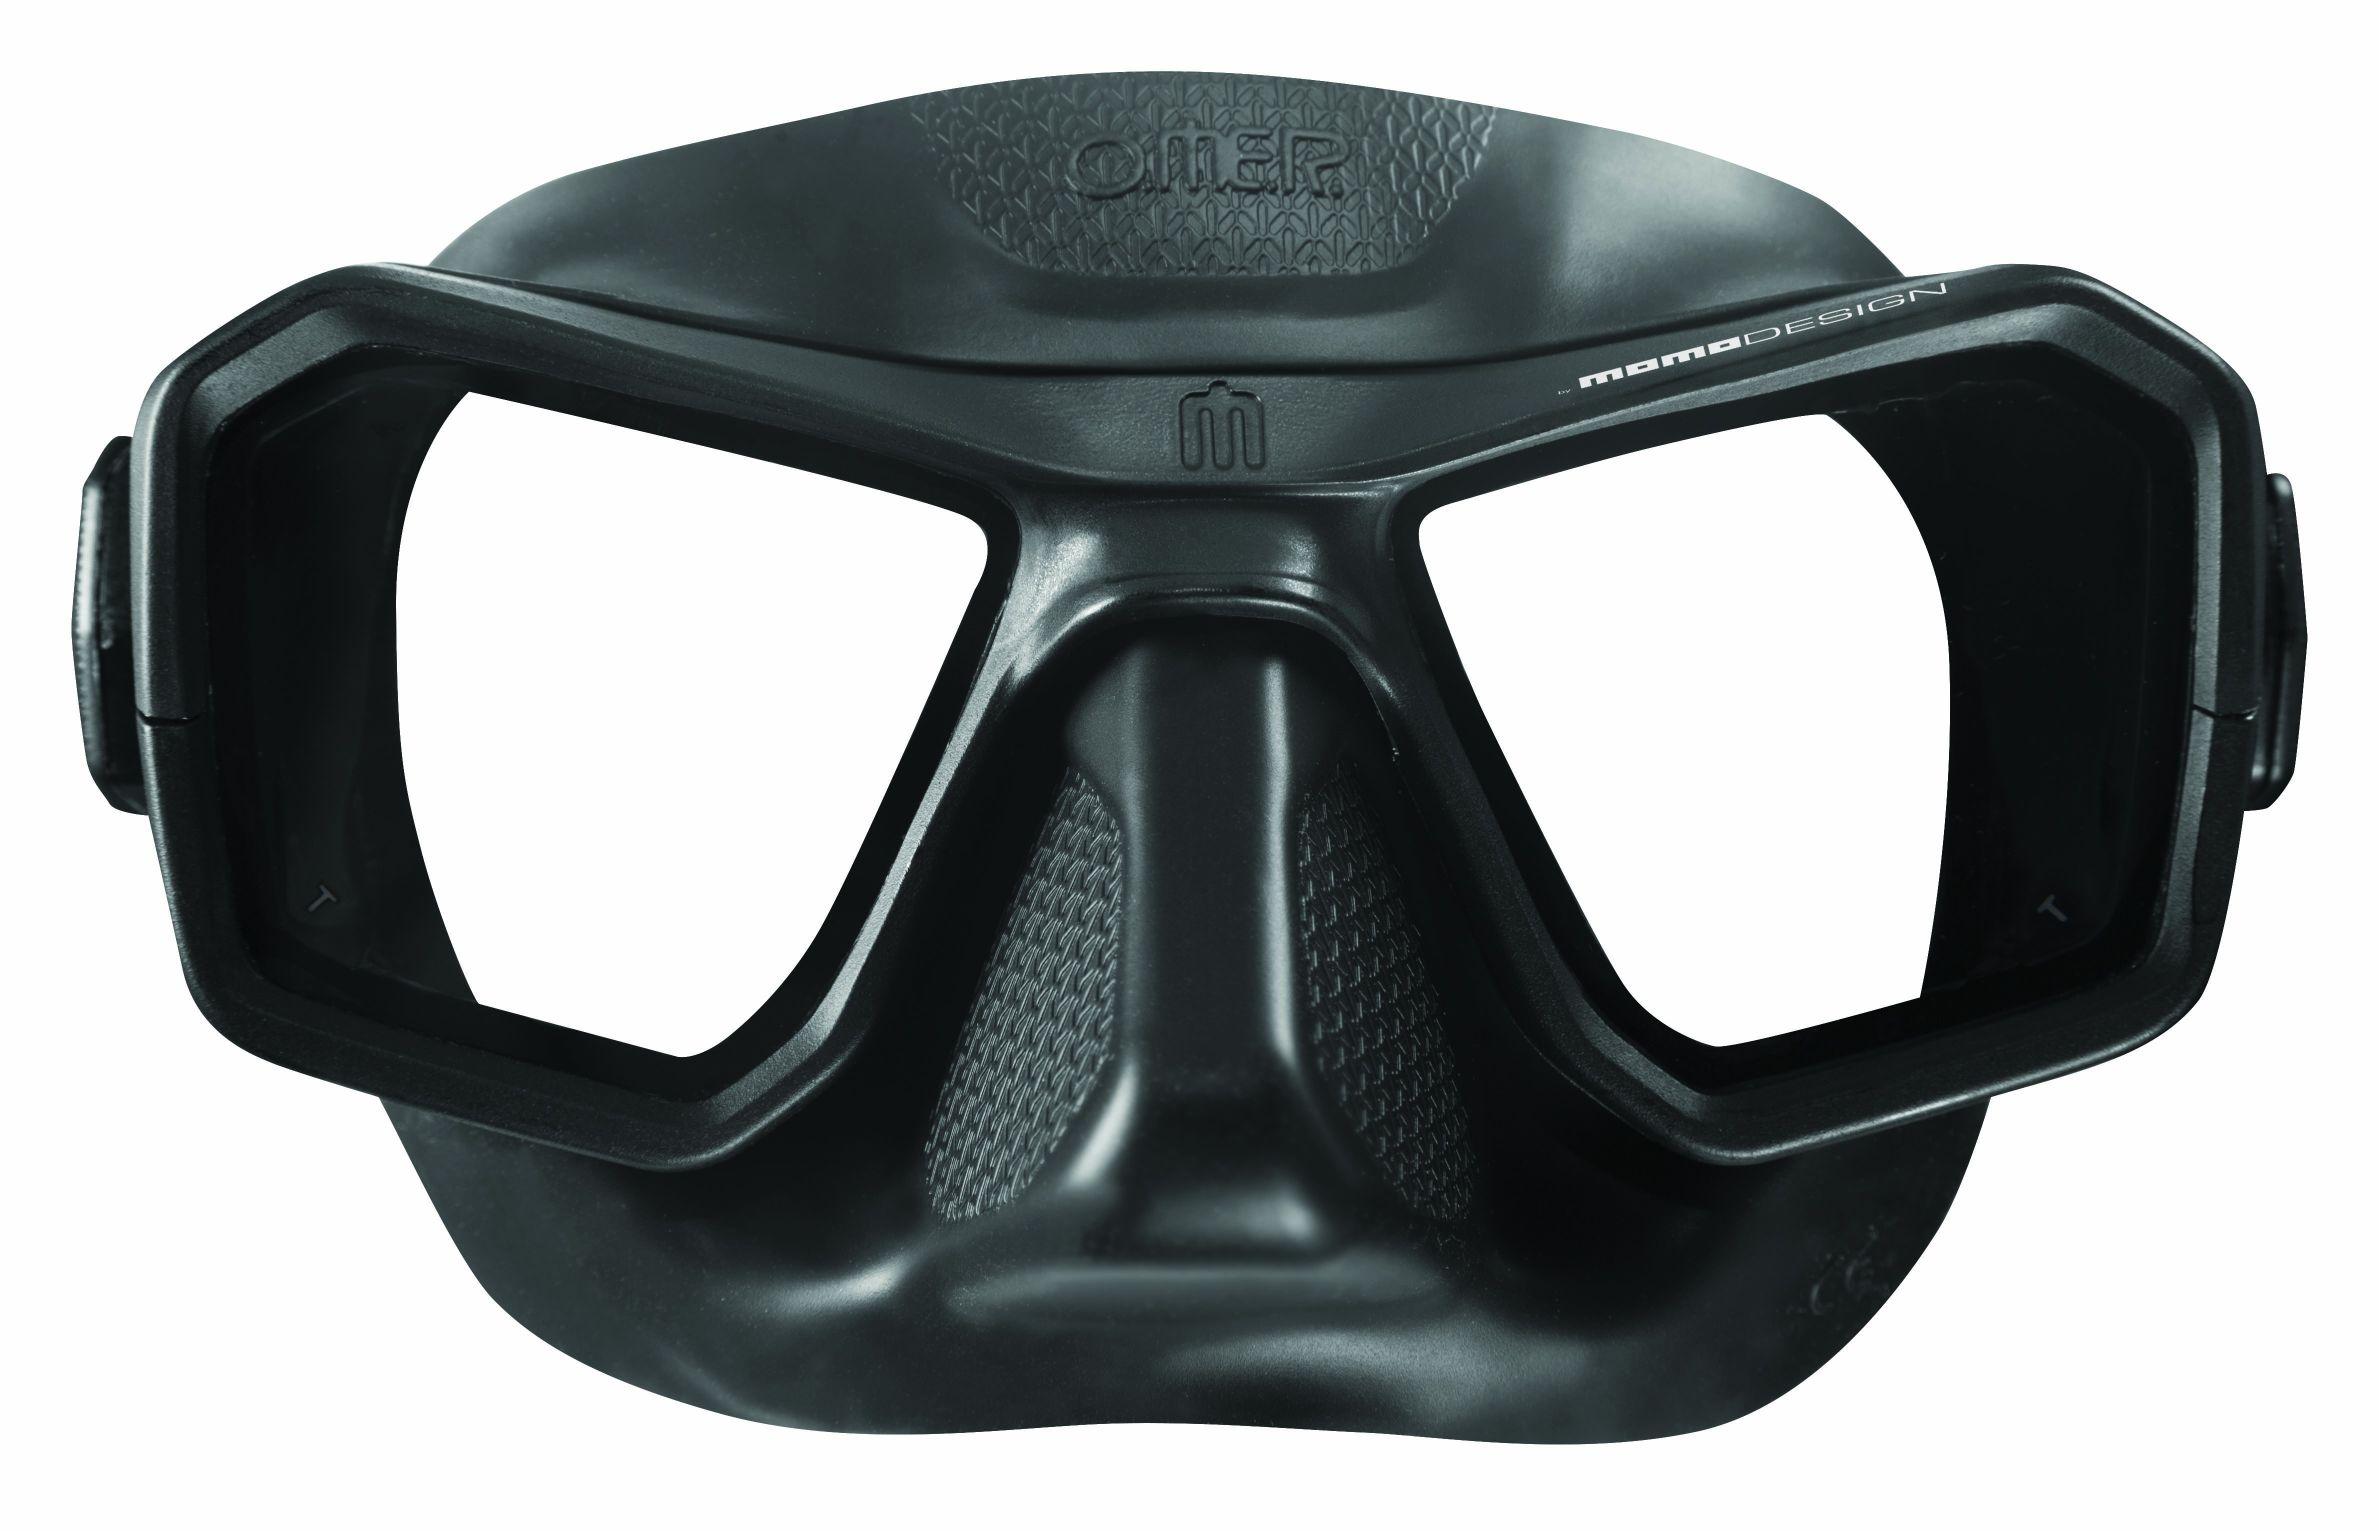 Masque Omer Aqua pour l'Apnée ou la Chasse Sous-marine (commandable dès 20€ d'achat)